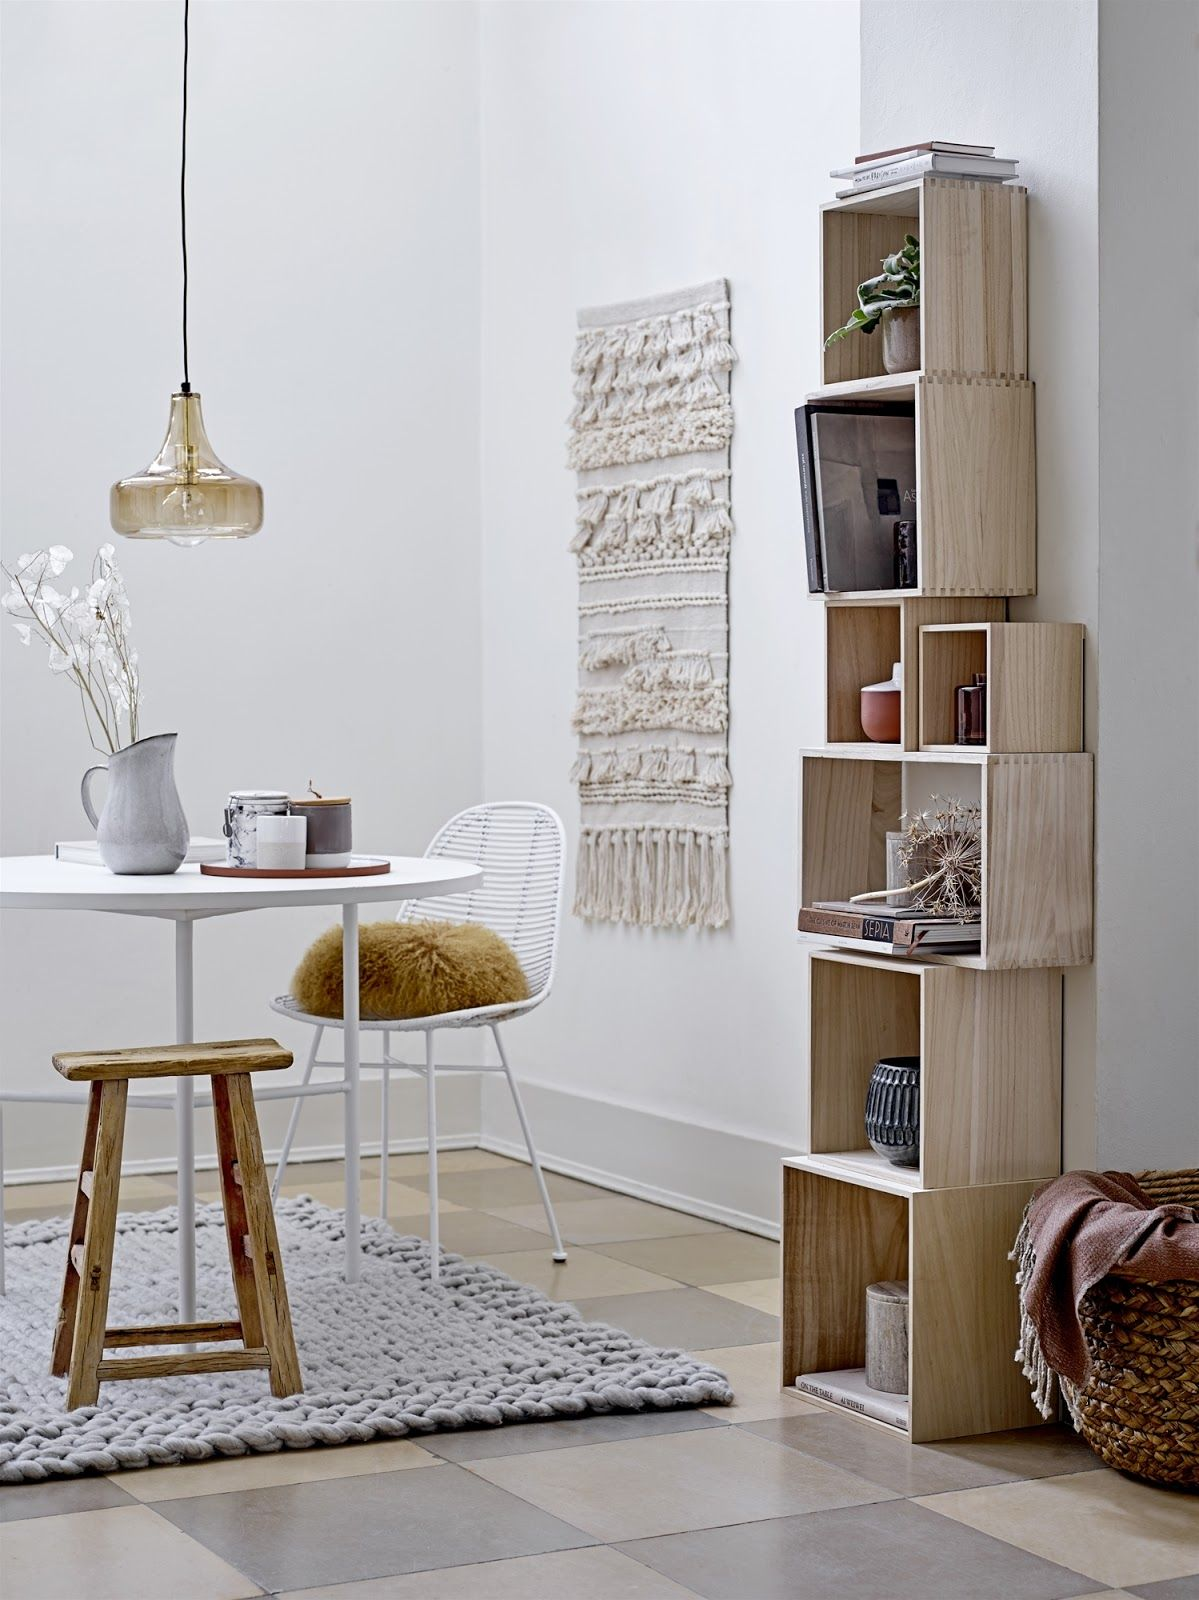 skandinavische einrichtung jede menge inspiration von der dnischen marke bloomingville rattan makramee - Skandinavische Design Sthle